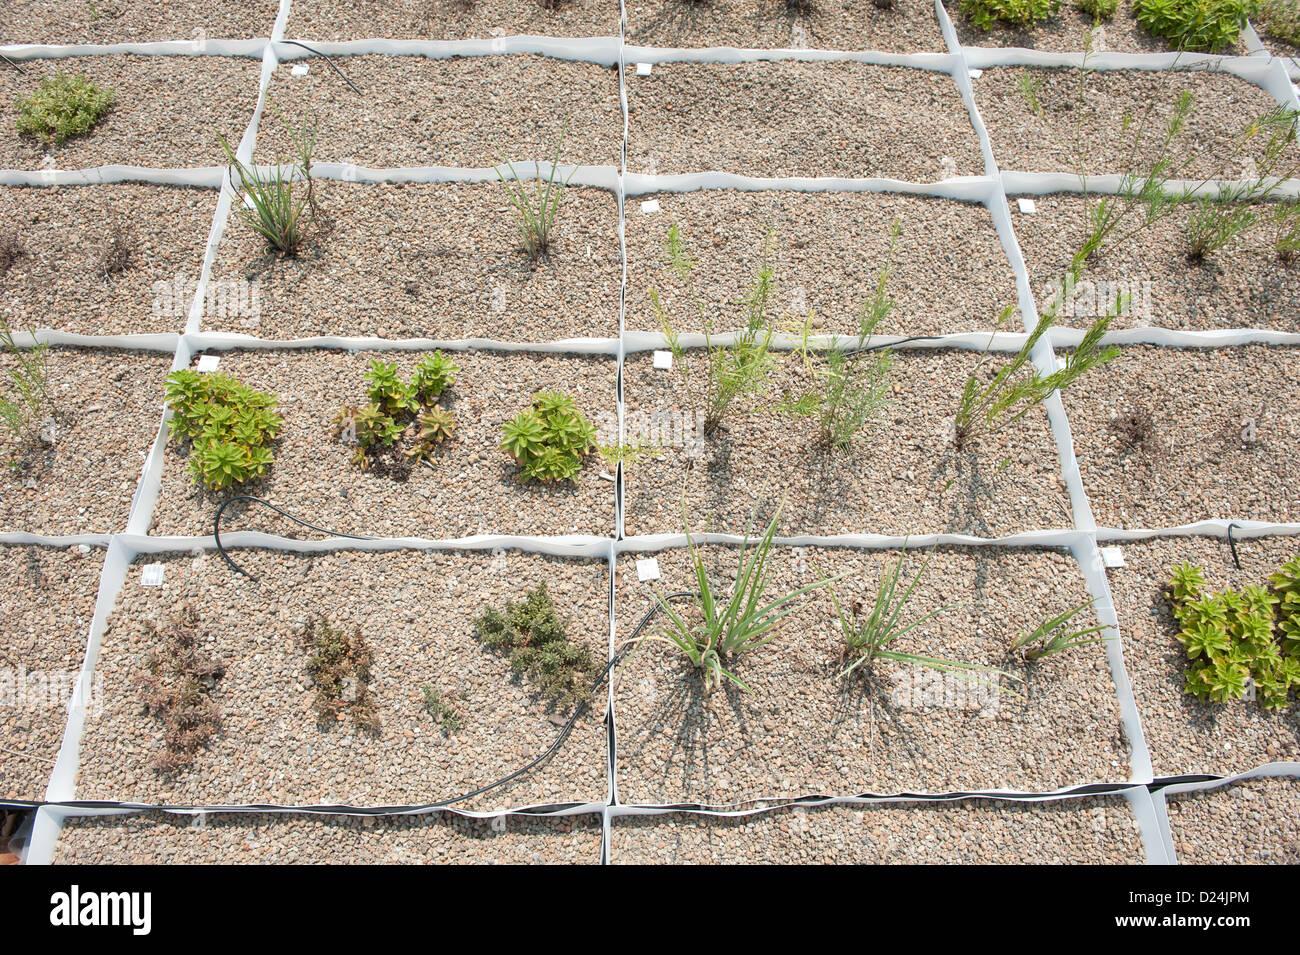 Dachbegrunung Pflanzen Auf Dem Display Auf Dem Mid Atlantic Grune